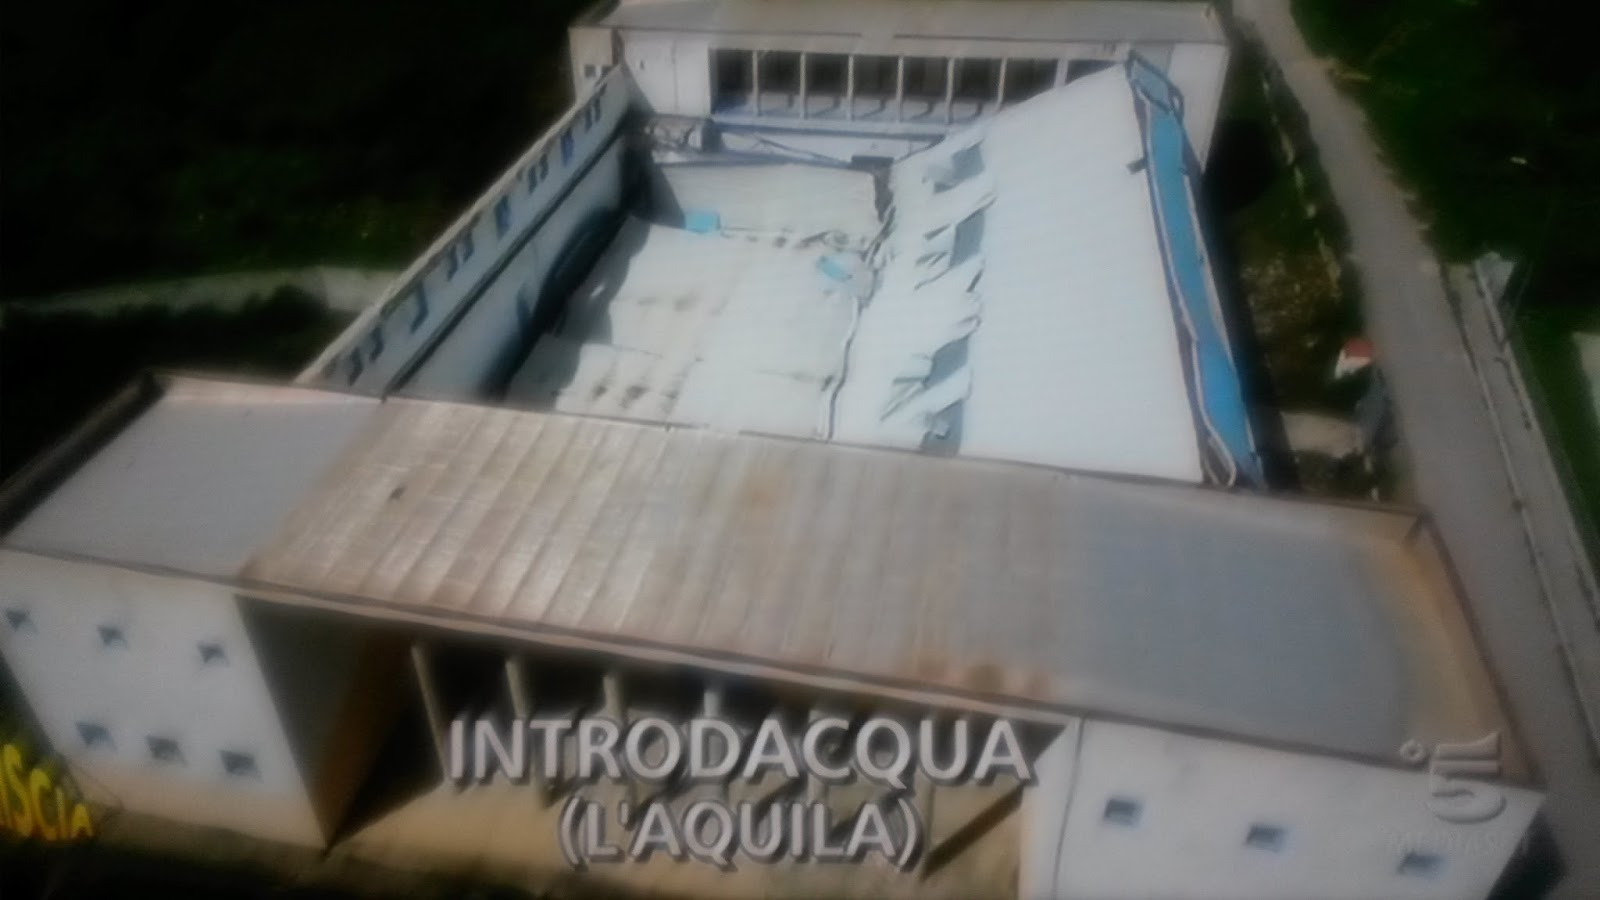 Crollo Palazzetto, la Procura riapre l'inchiesta